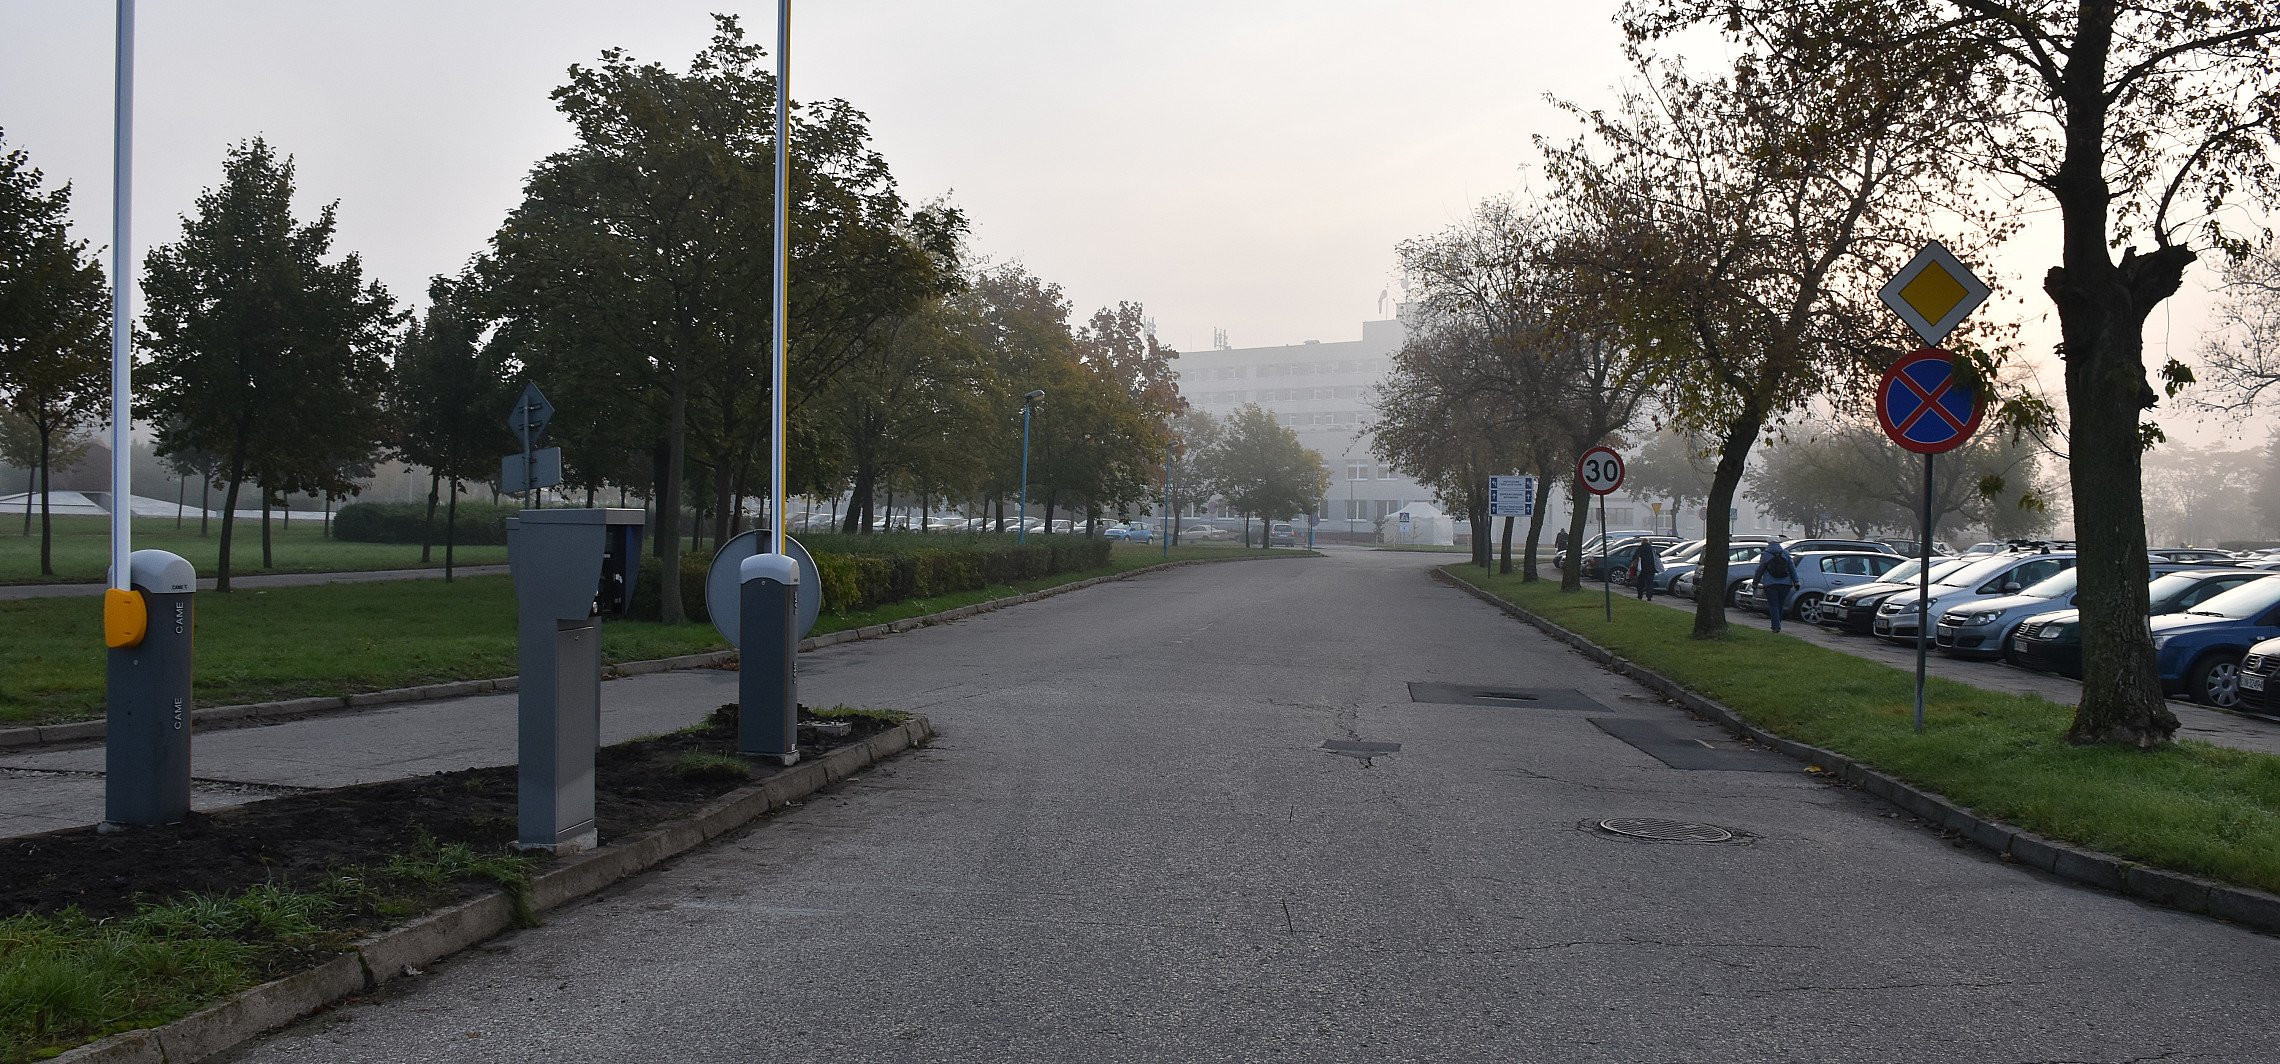 Inowrocław - Pod szpitalem trwa montaż parkomatów